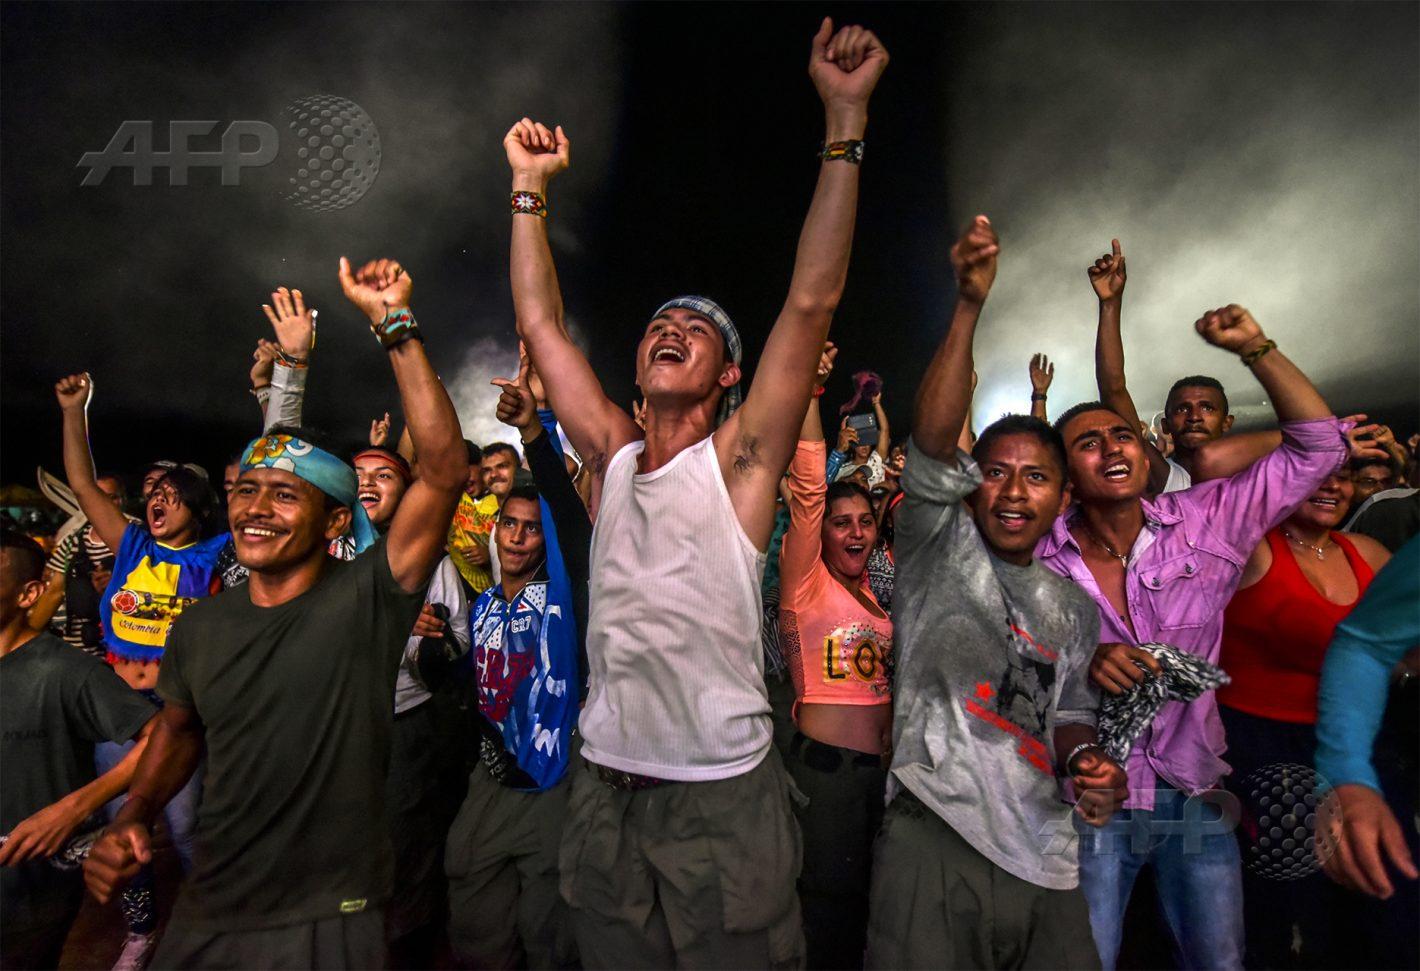 AFP 15 / COLOMBIE 21 septembre 2016 - Llanos del Yari, Colombie - Des membres des Forces Armées Révolutionnaires de Colombie dansent à l'occasion d'une manifestation culturelle dans leur campement. AFP / LUIS ACOSTA